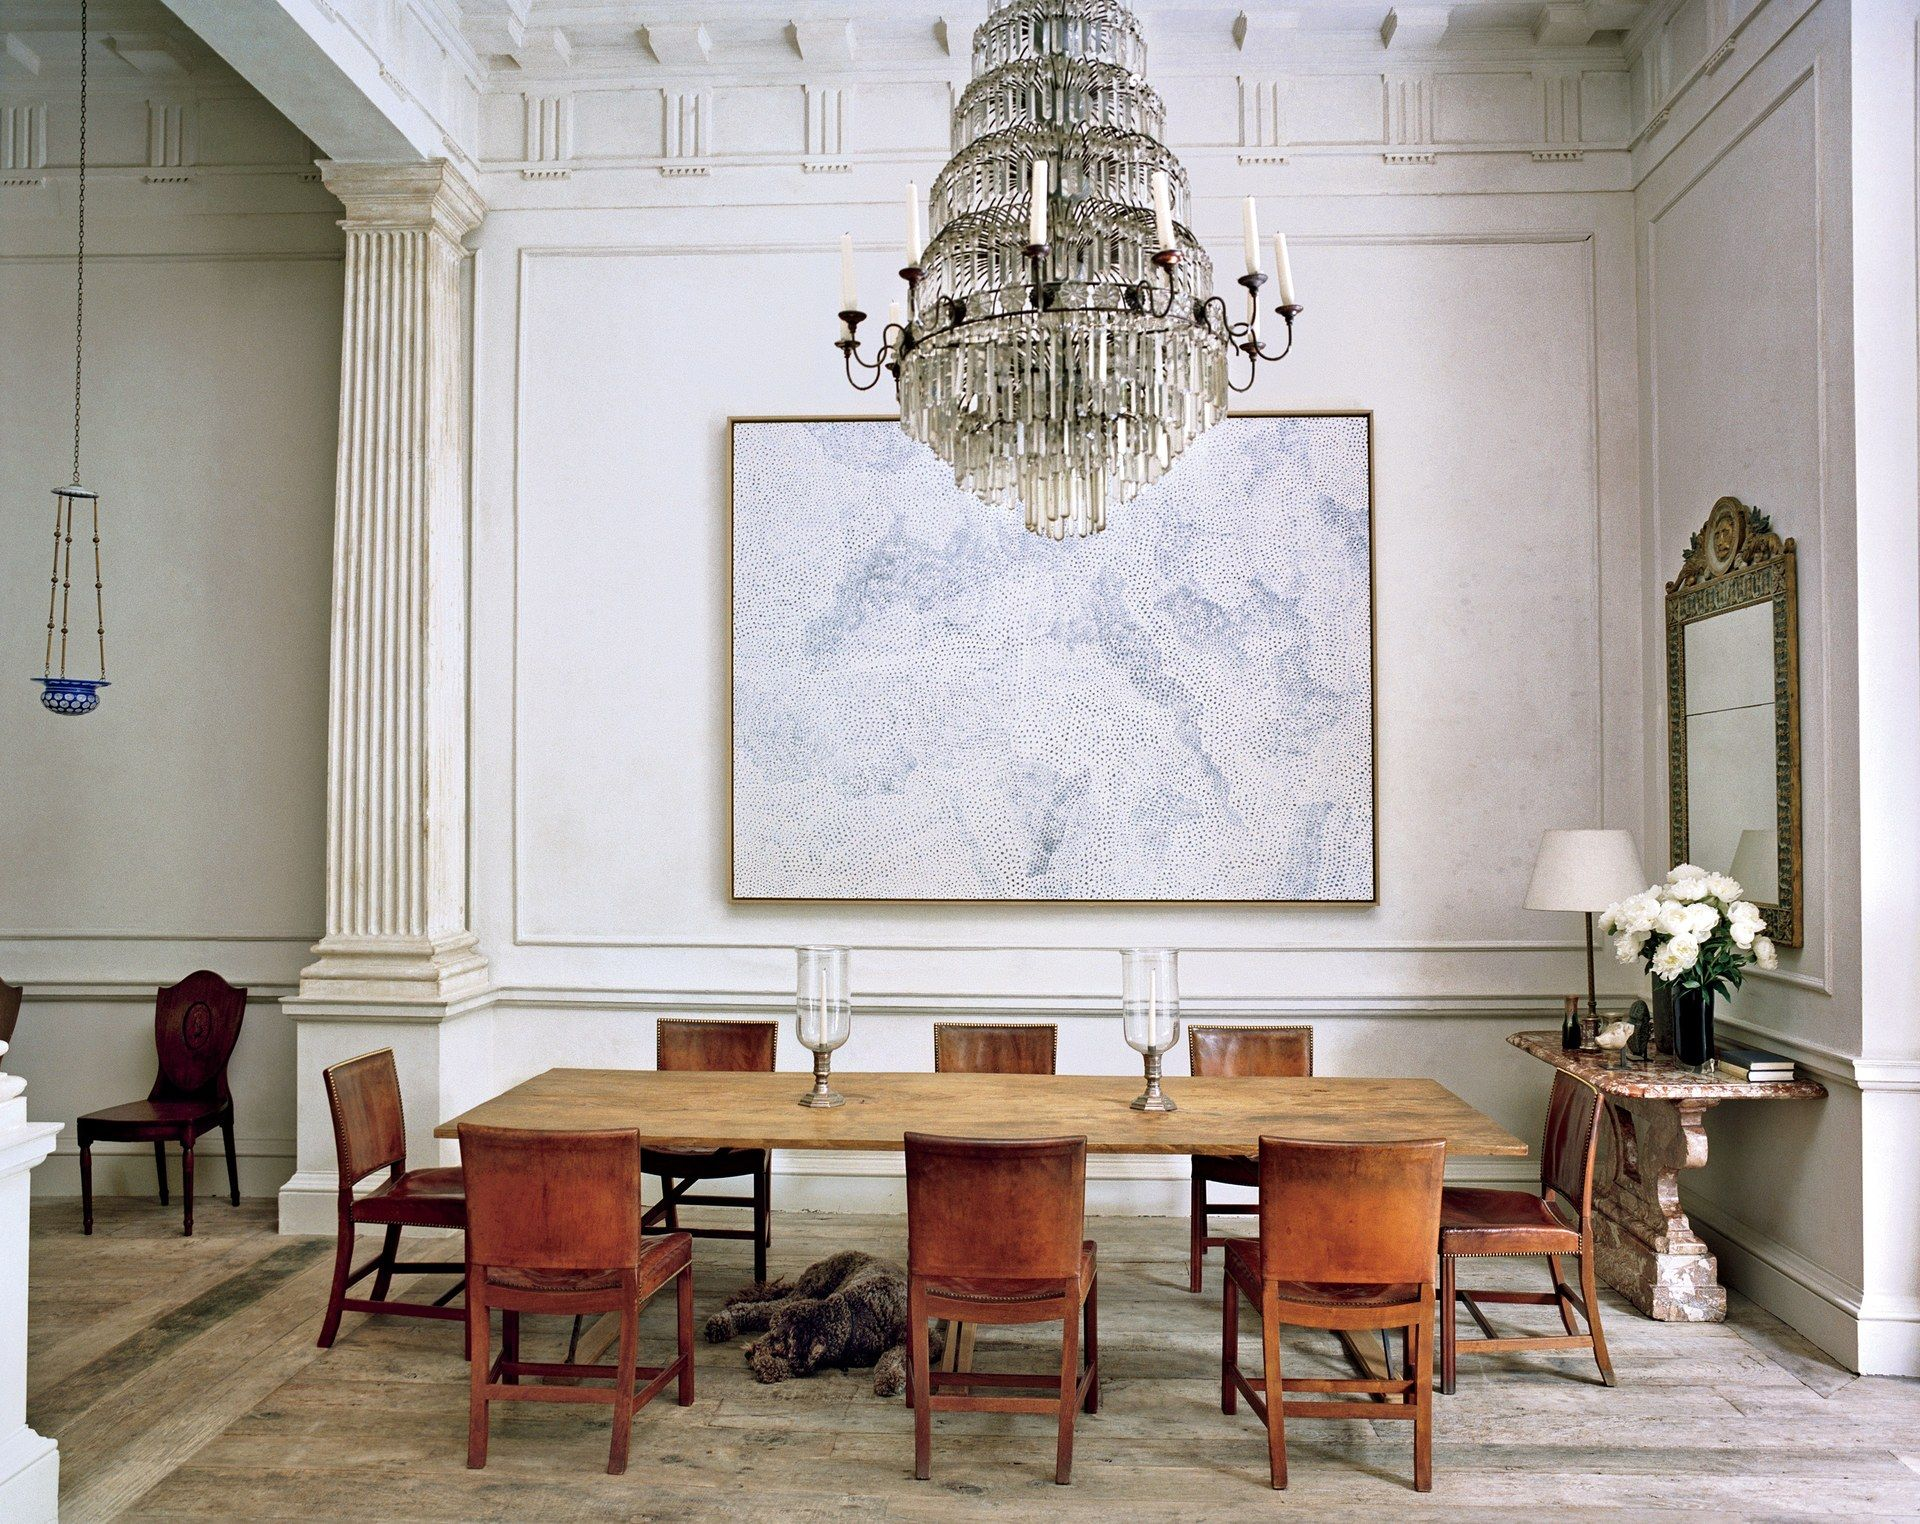 Inside Interior Designer Rose Uniacke S London Home Interior Design Decor Traditional Interior